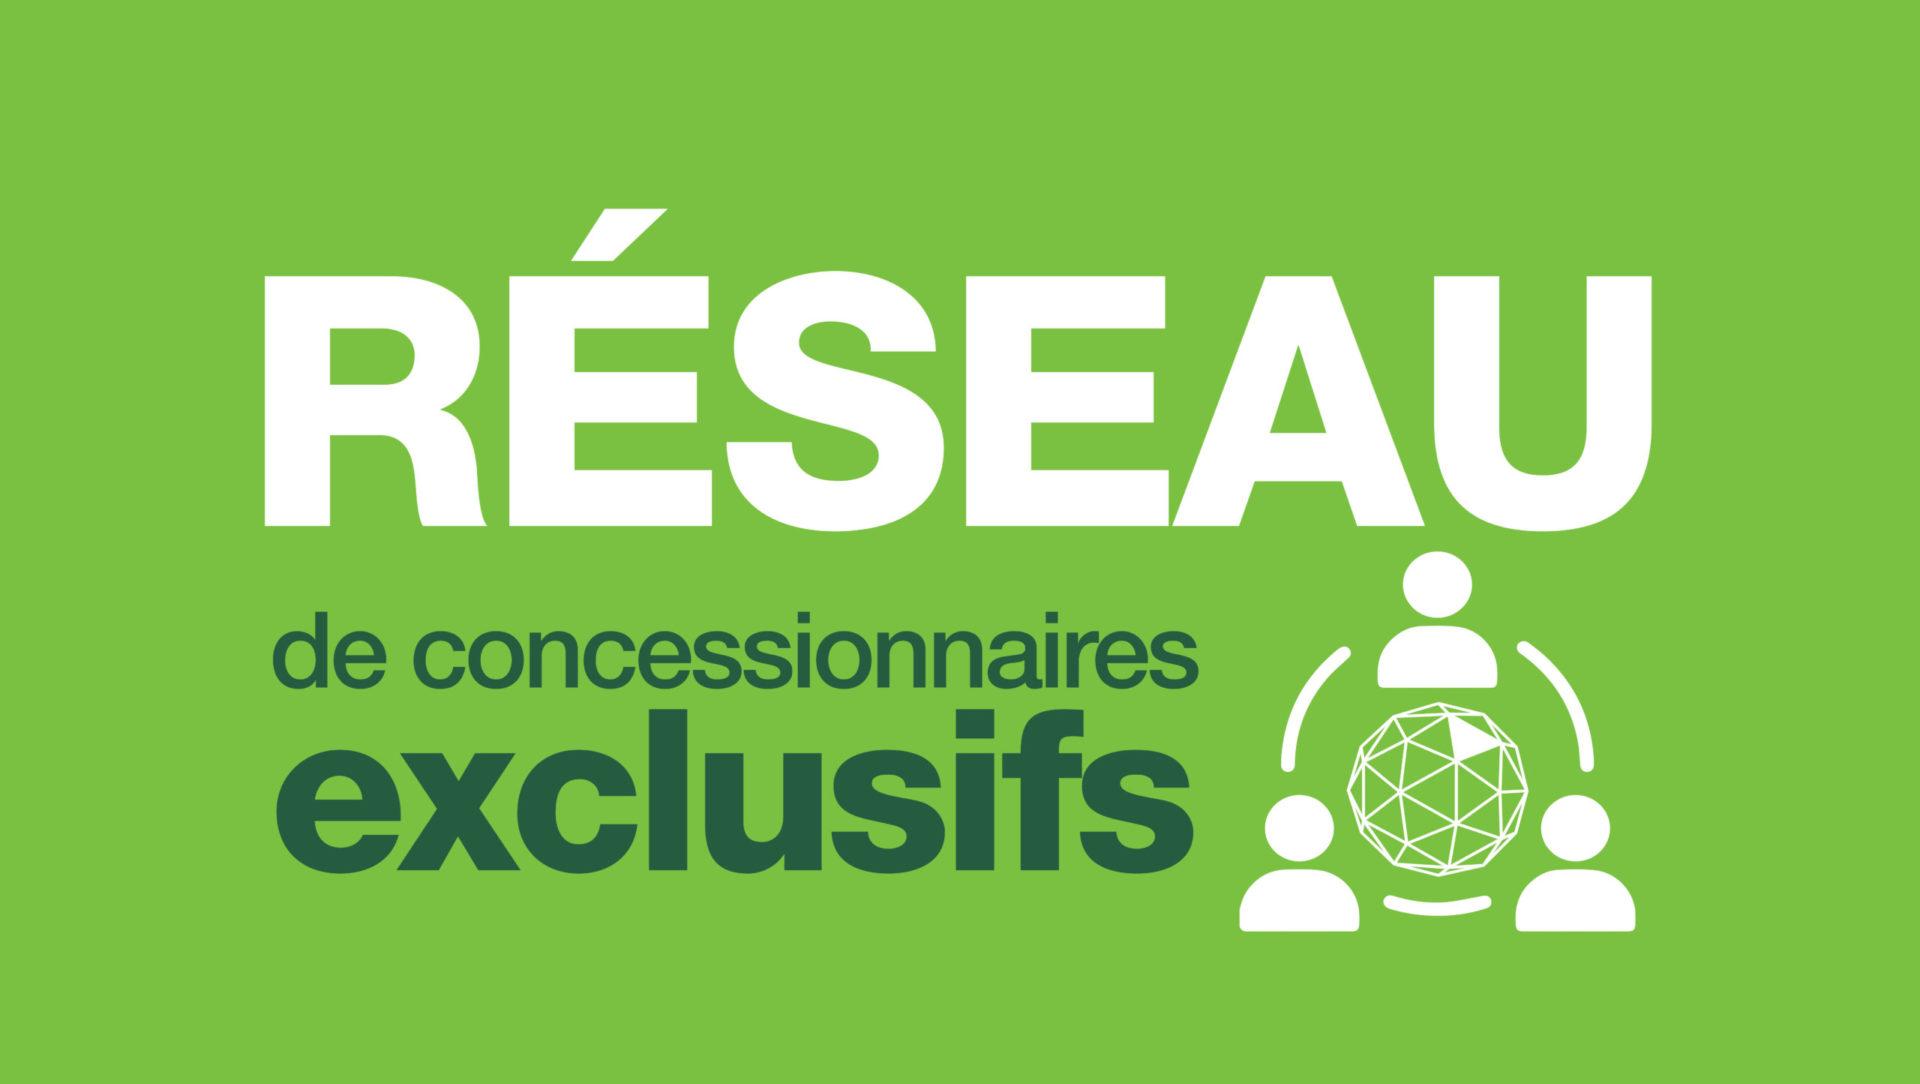 Un réseau de concessionaires exlusifs pour un service de proximité